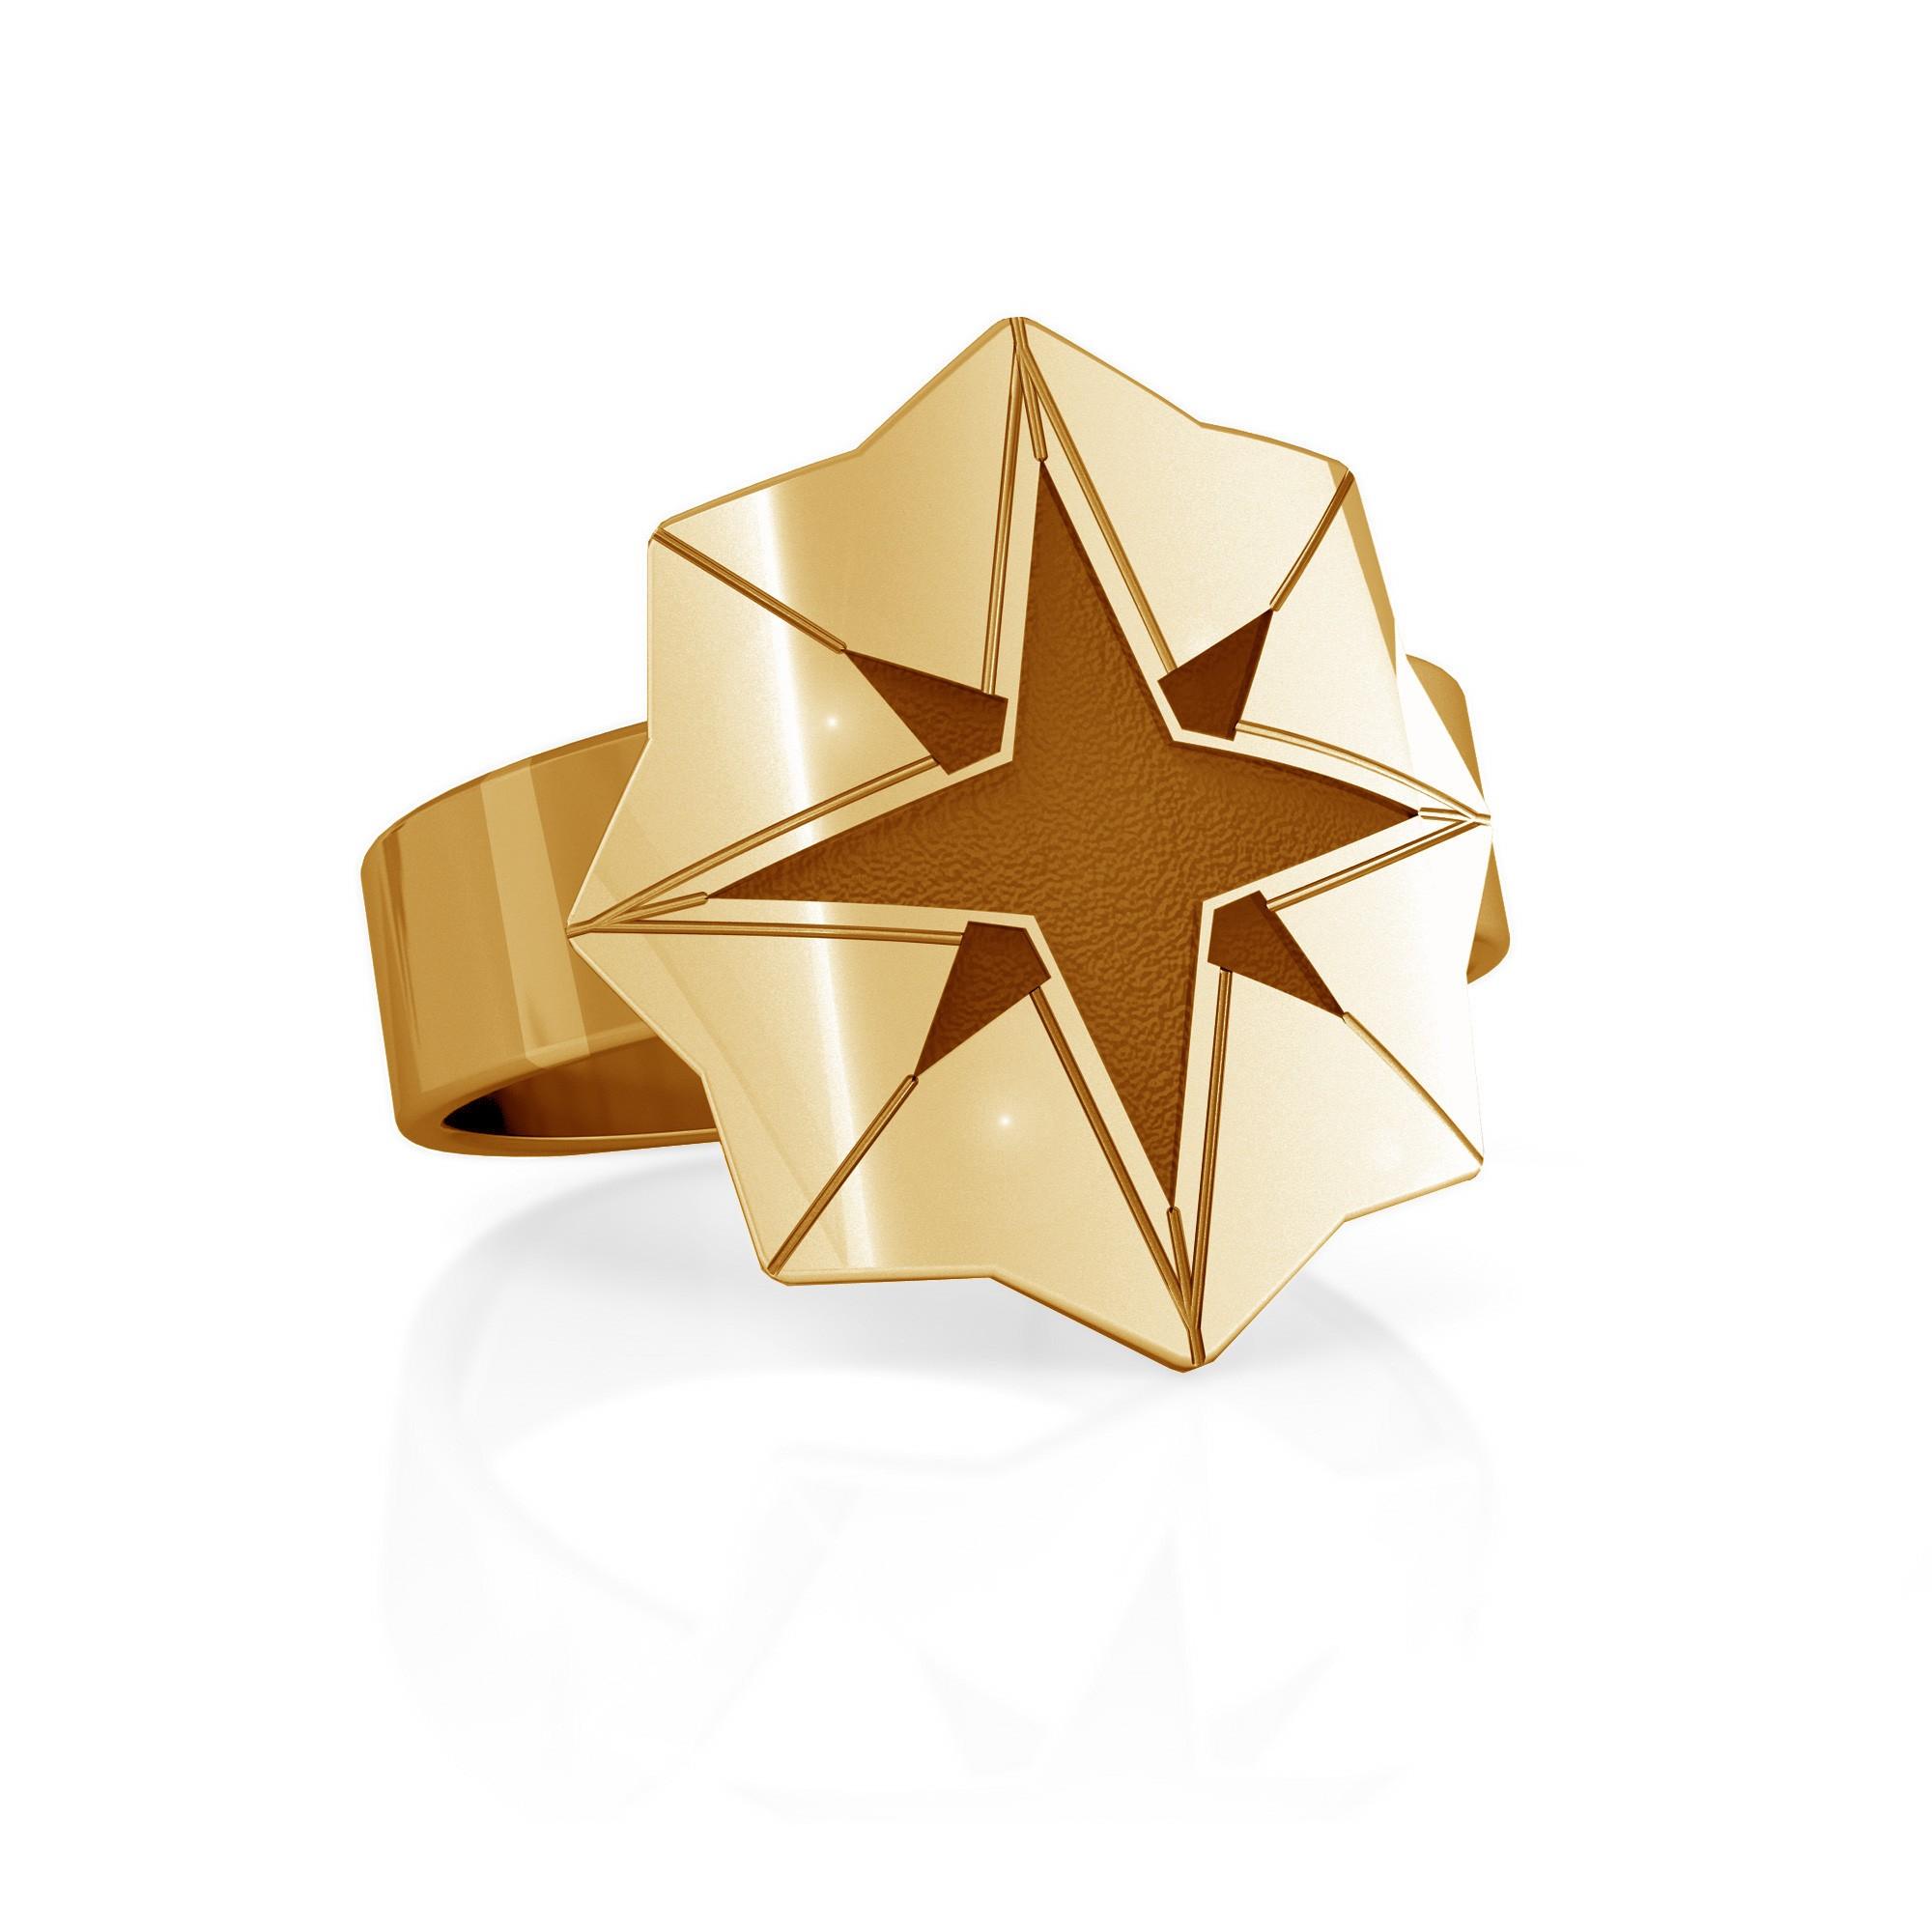 Srebrny sygnet gwiazda, MON DÉFI, 925